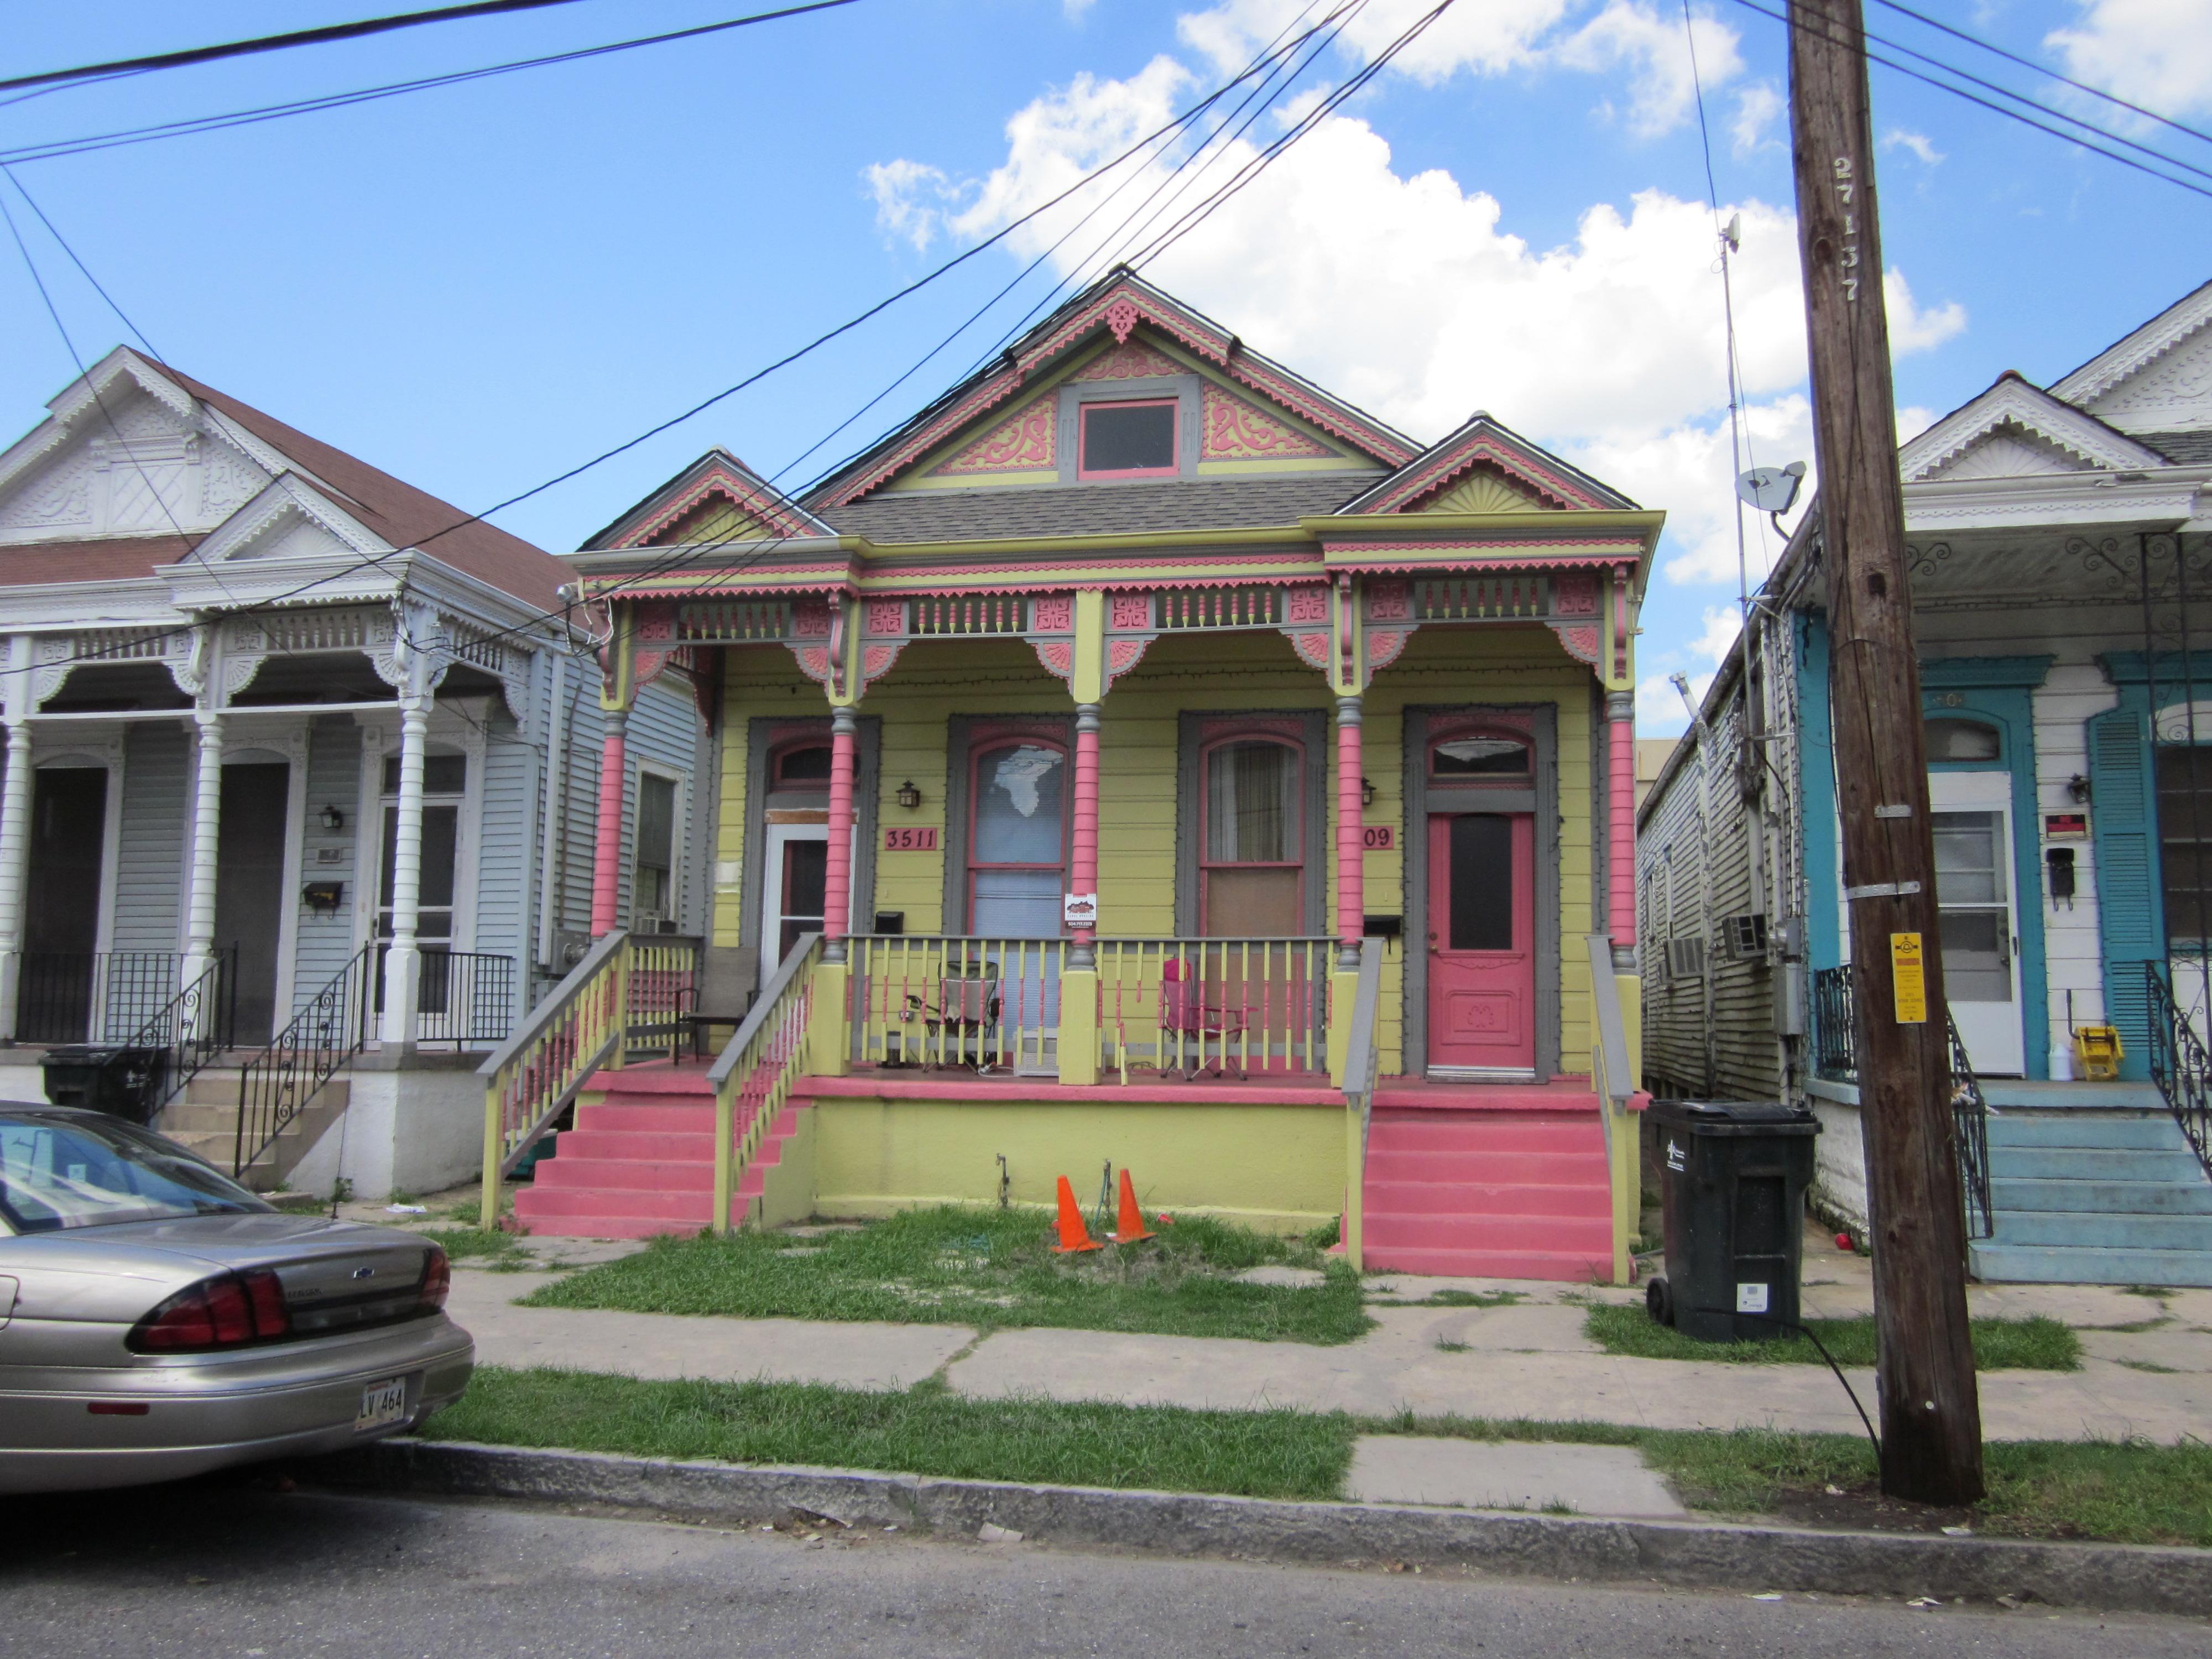 File:Cleveland Av Happy House Cones.JPG